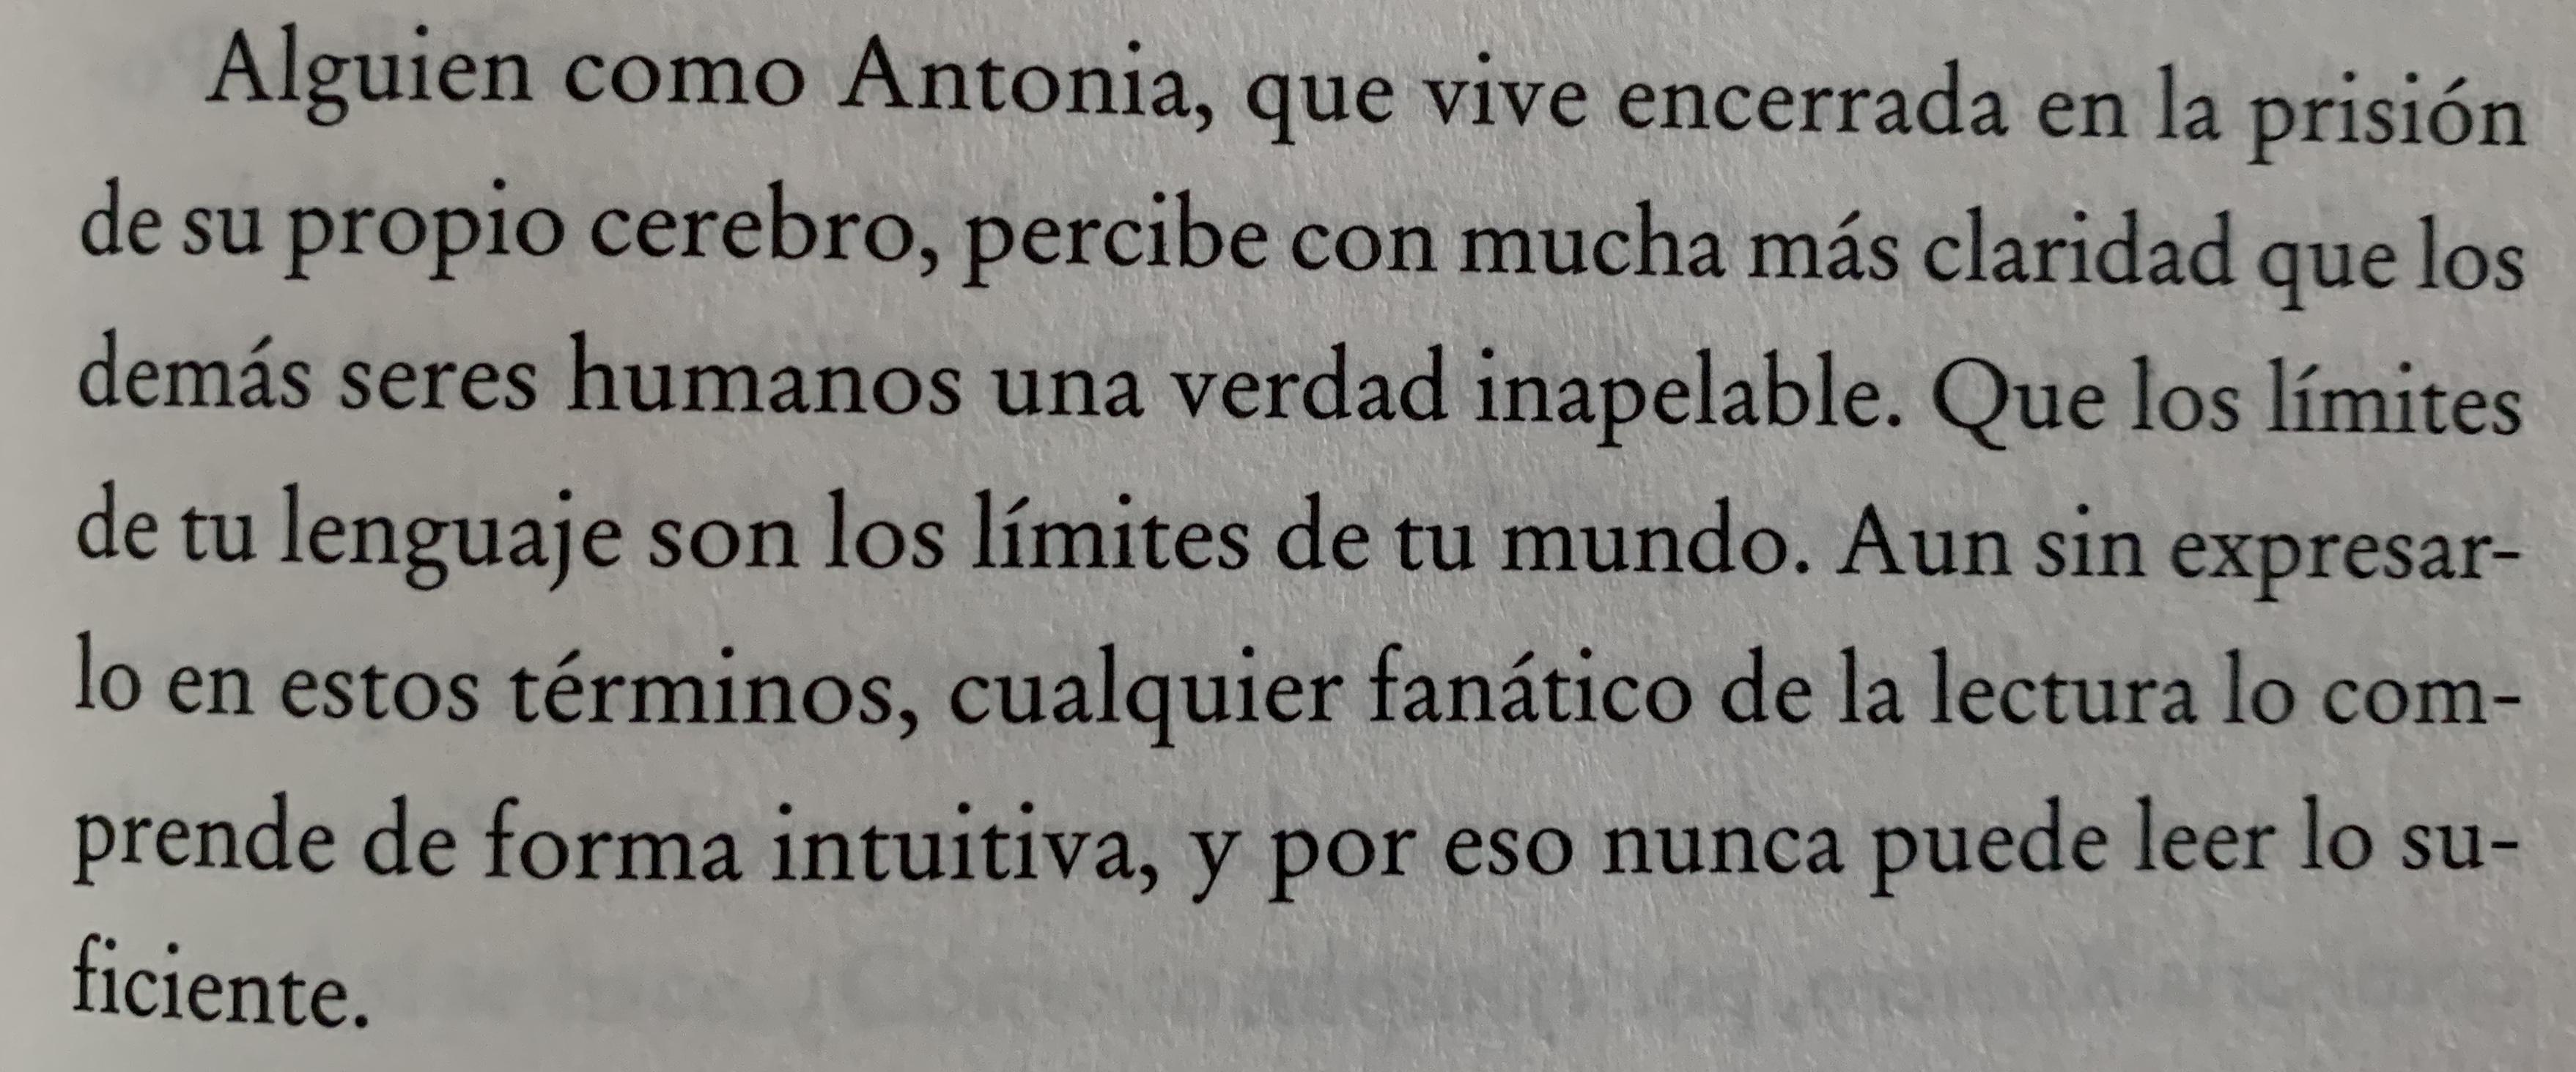 Fragmento del libro Loba negra de Juan Gómez-Jurado